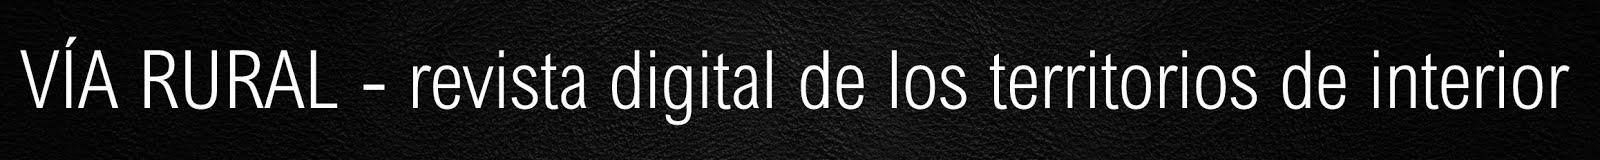 VÍA RURAL - Revista de los territorios de interior